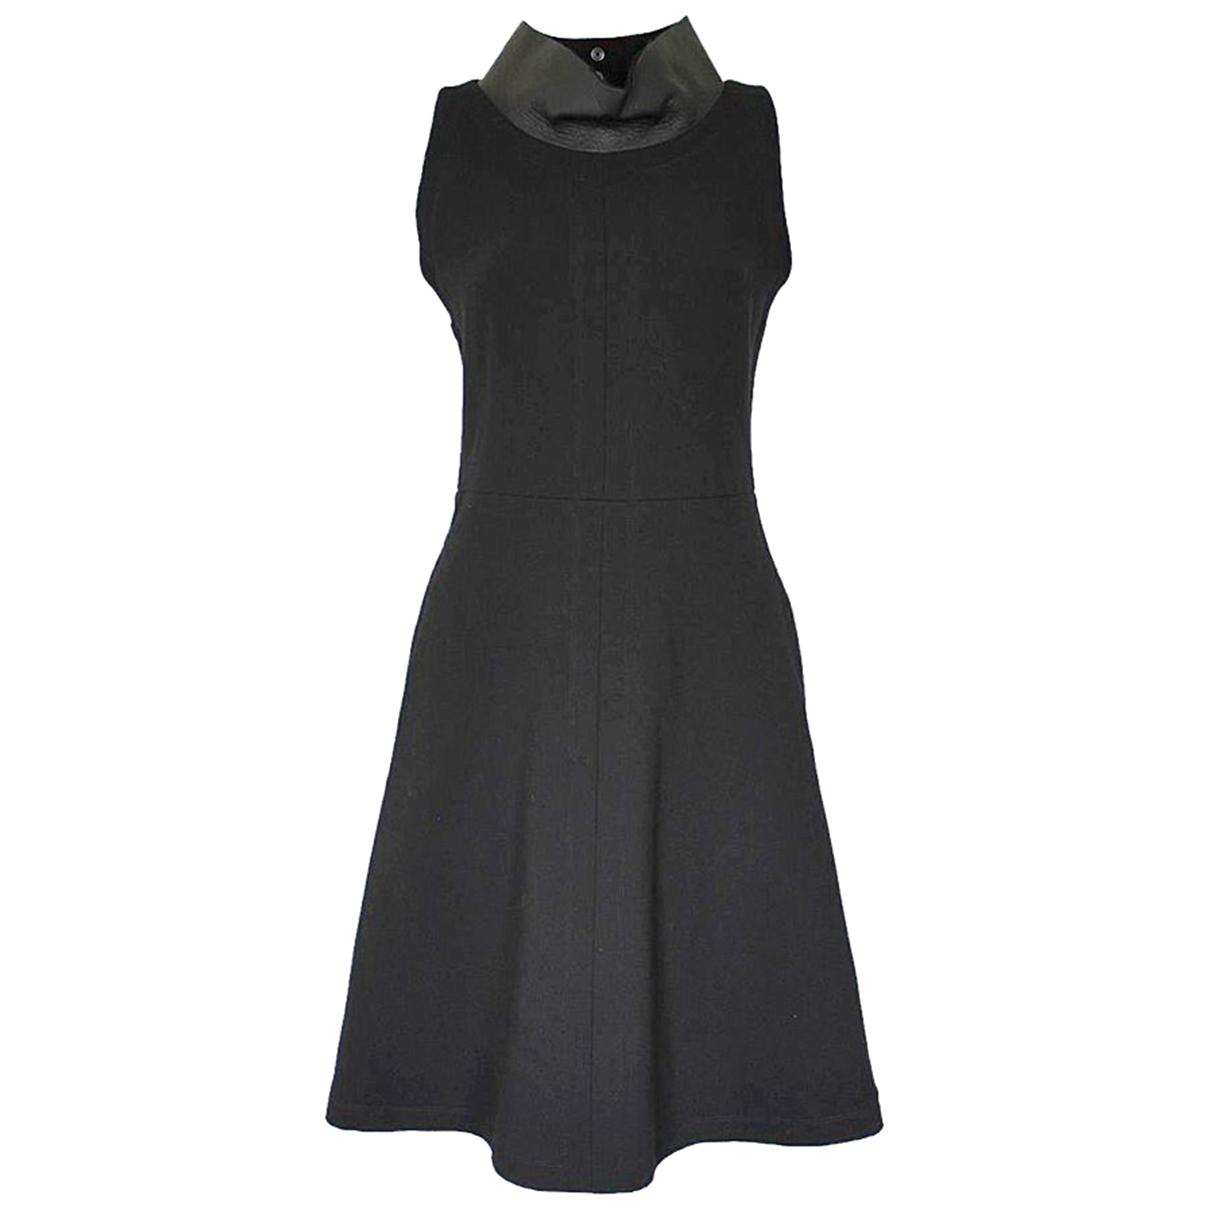 Ter Et Bantine \N Black Wool dress for Women 40 IT